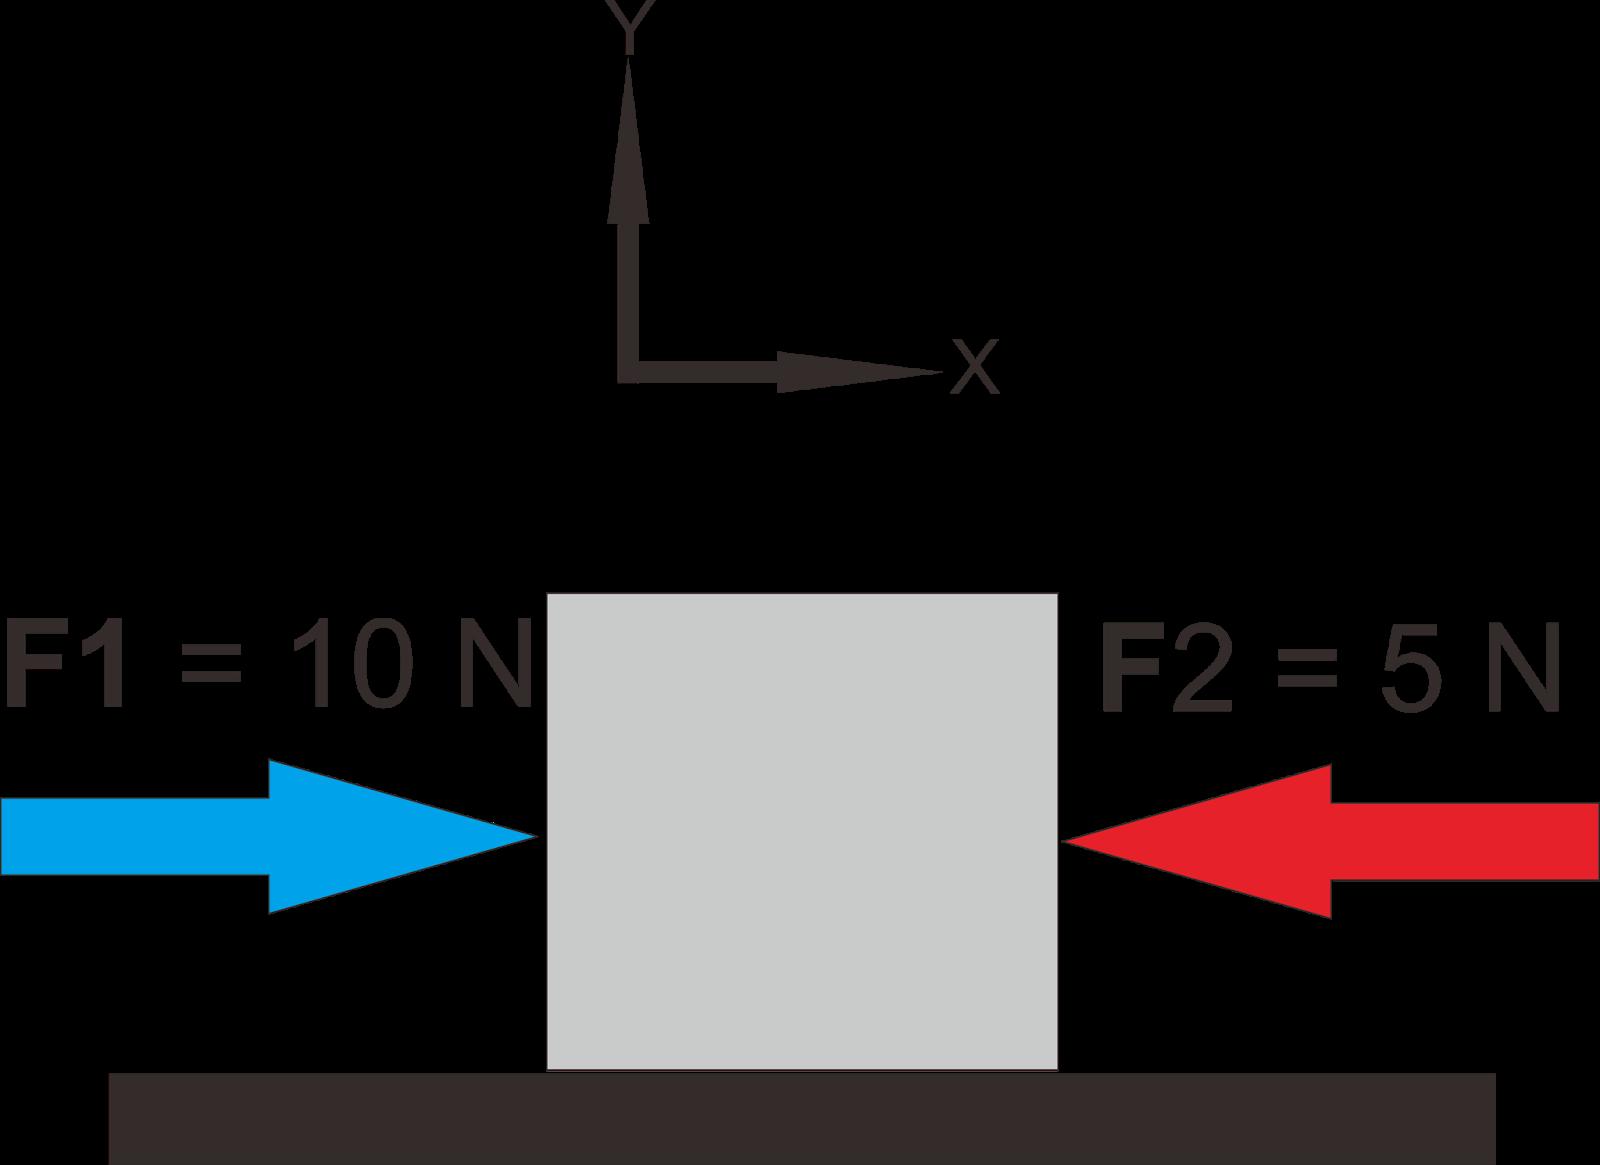 Kumpulan Soal Dan Pembahasan Soal Ujian Nasional Un Fisika Sma Part 1 Gaya Bidang Miring